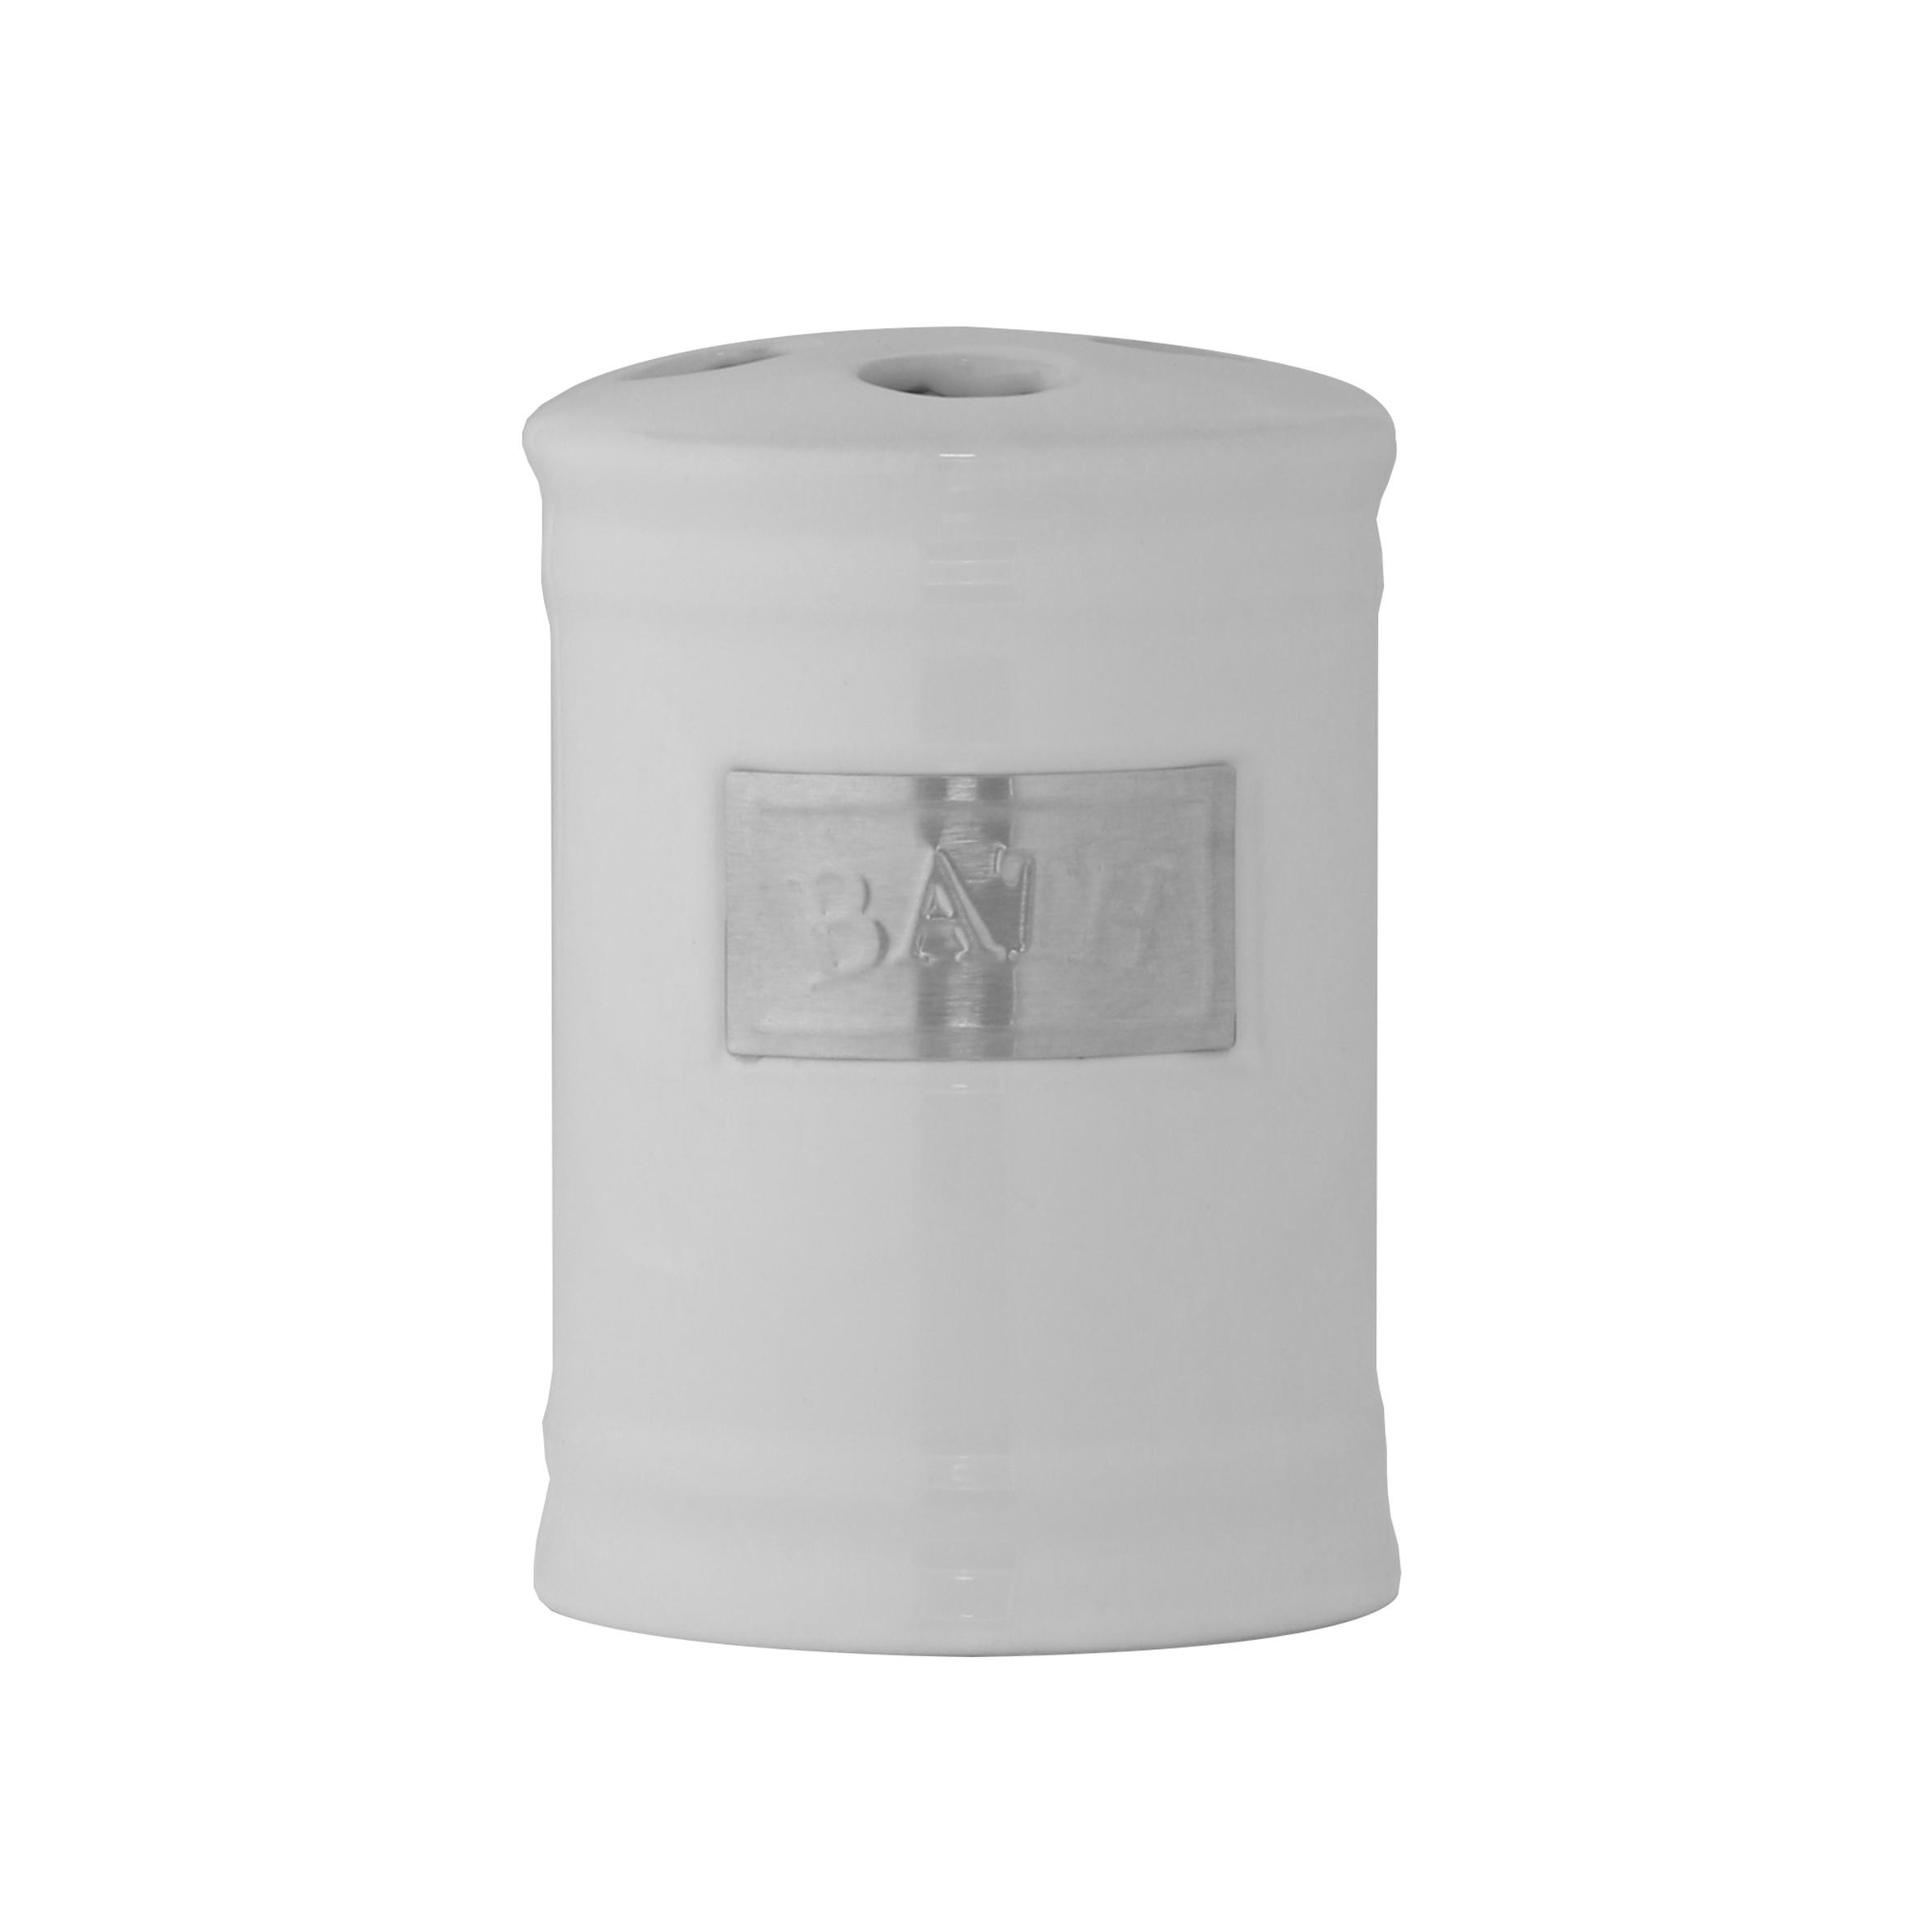 """Стакан для зубных щеток Axentia """"Lyon"""" выполнен из керамики с элементами из нержавеющей стали в античном стиле. Изделие превосходно дополнит интерьер ванной комнаты."""